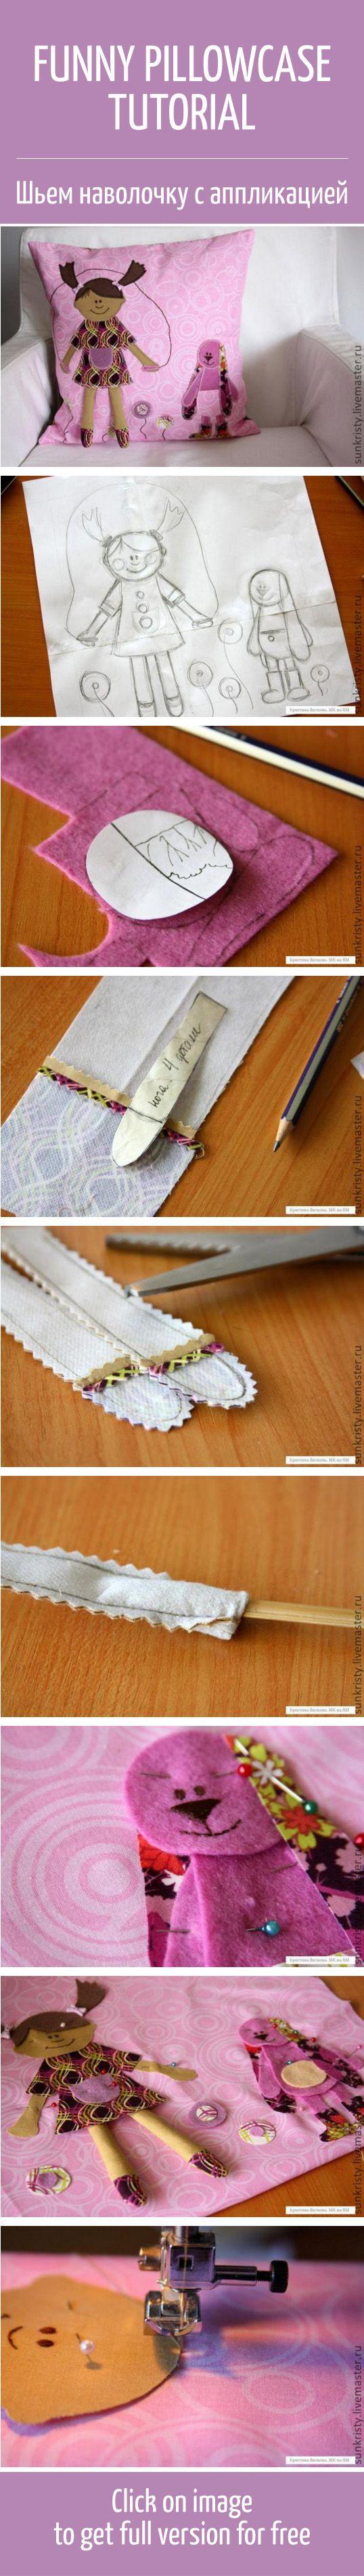 Яркое украшение для детской: шьем декоративную наволочку с объемными элементами / Cute pillowcase tutorial